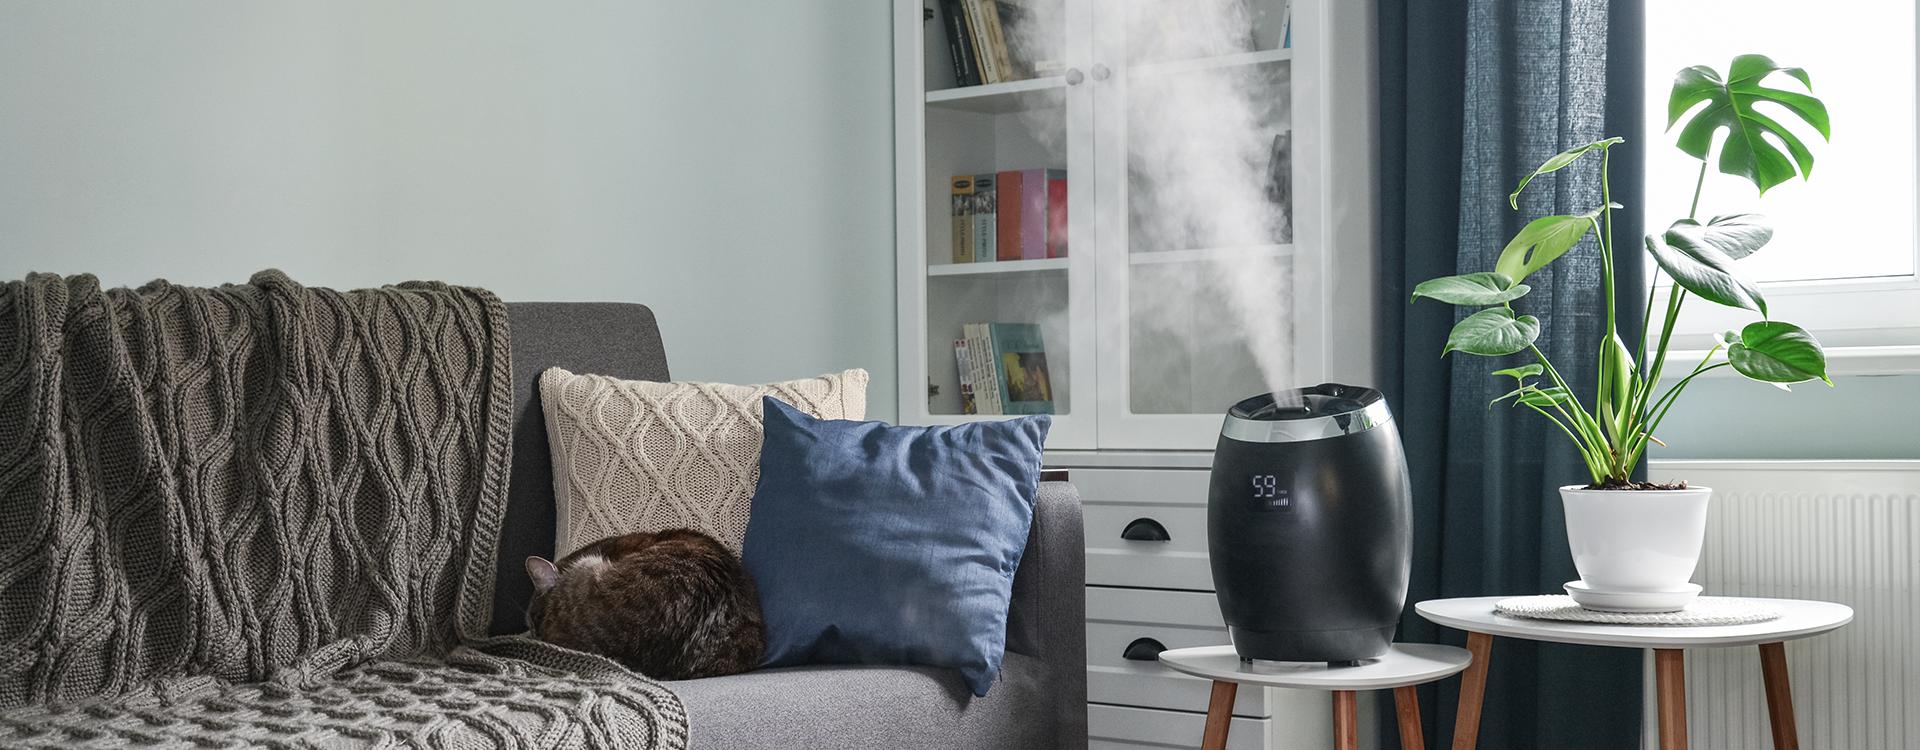 Ultradźwiękowy nawilżacz powietrza - co to jest i jak działa?